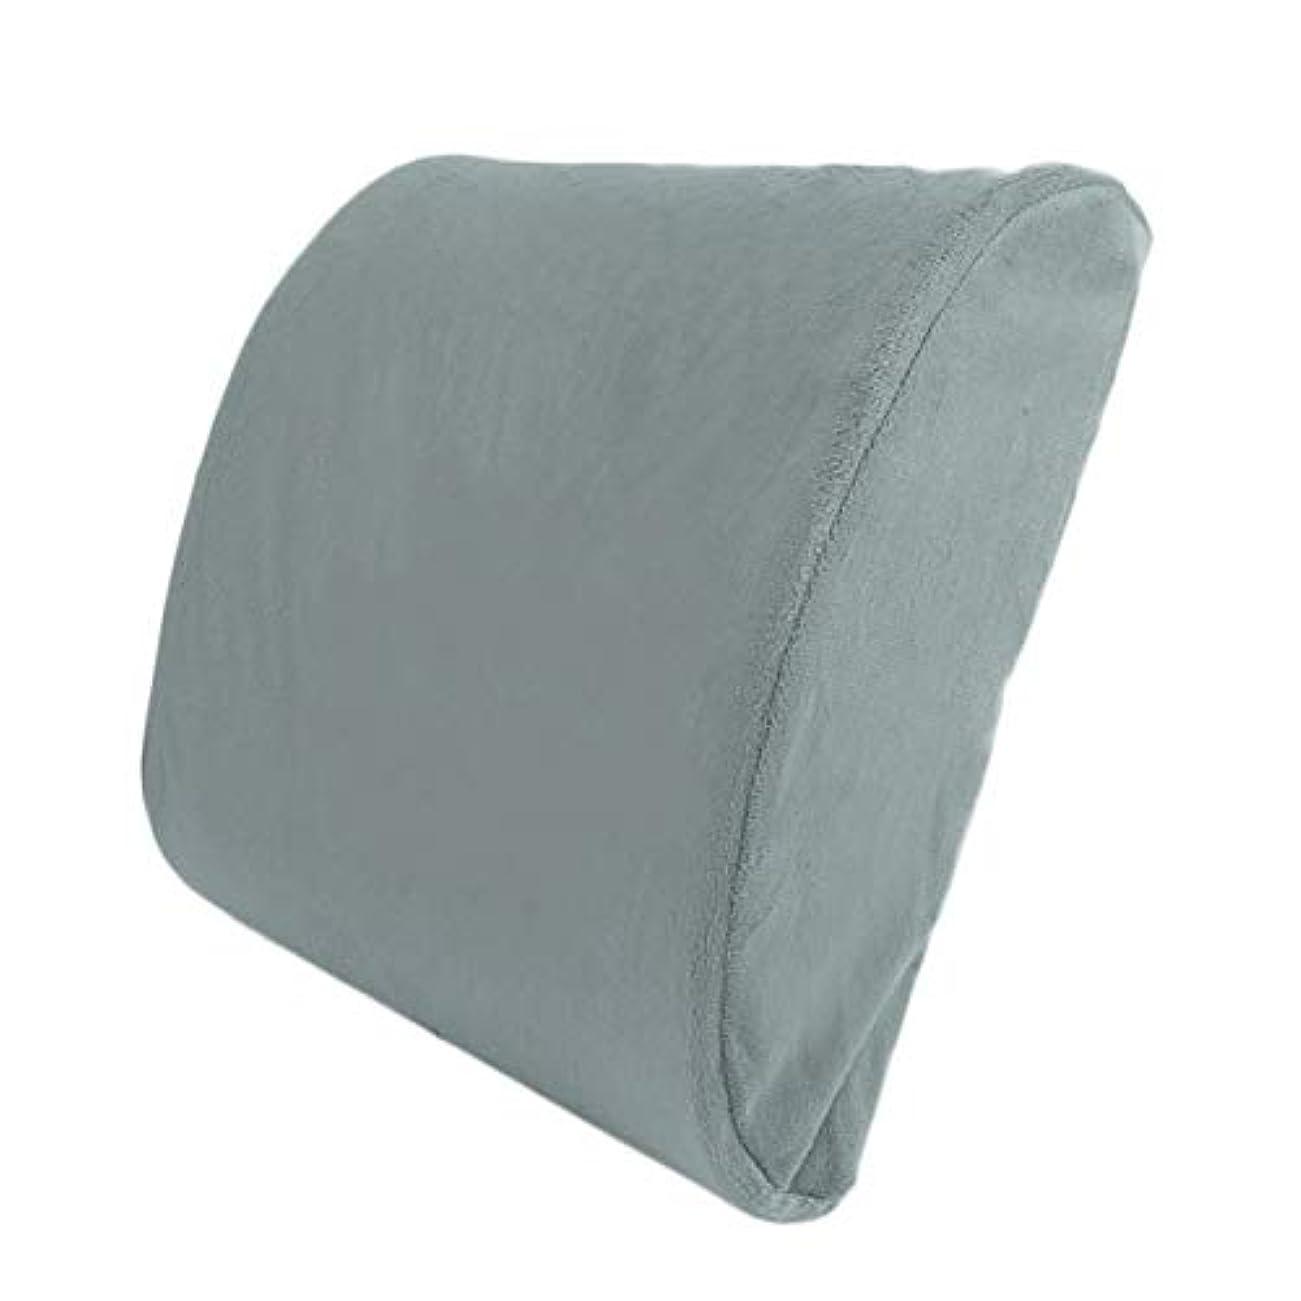 アラスカ楽観めんどりSaikogoods ソフトスローリバウンドメモリ通気ヘルスケア腰椎クッションバックウエストのサポート枕シート枕ホームオフィス グレー